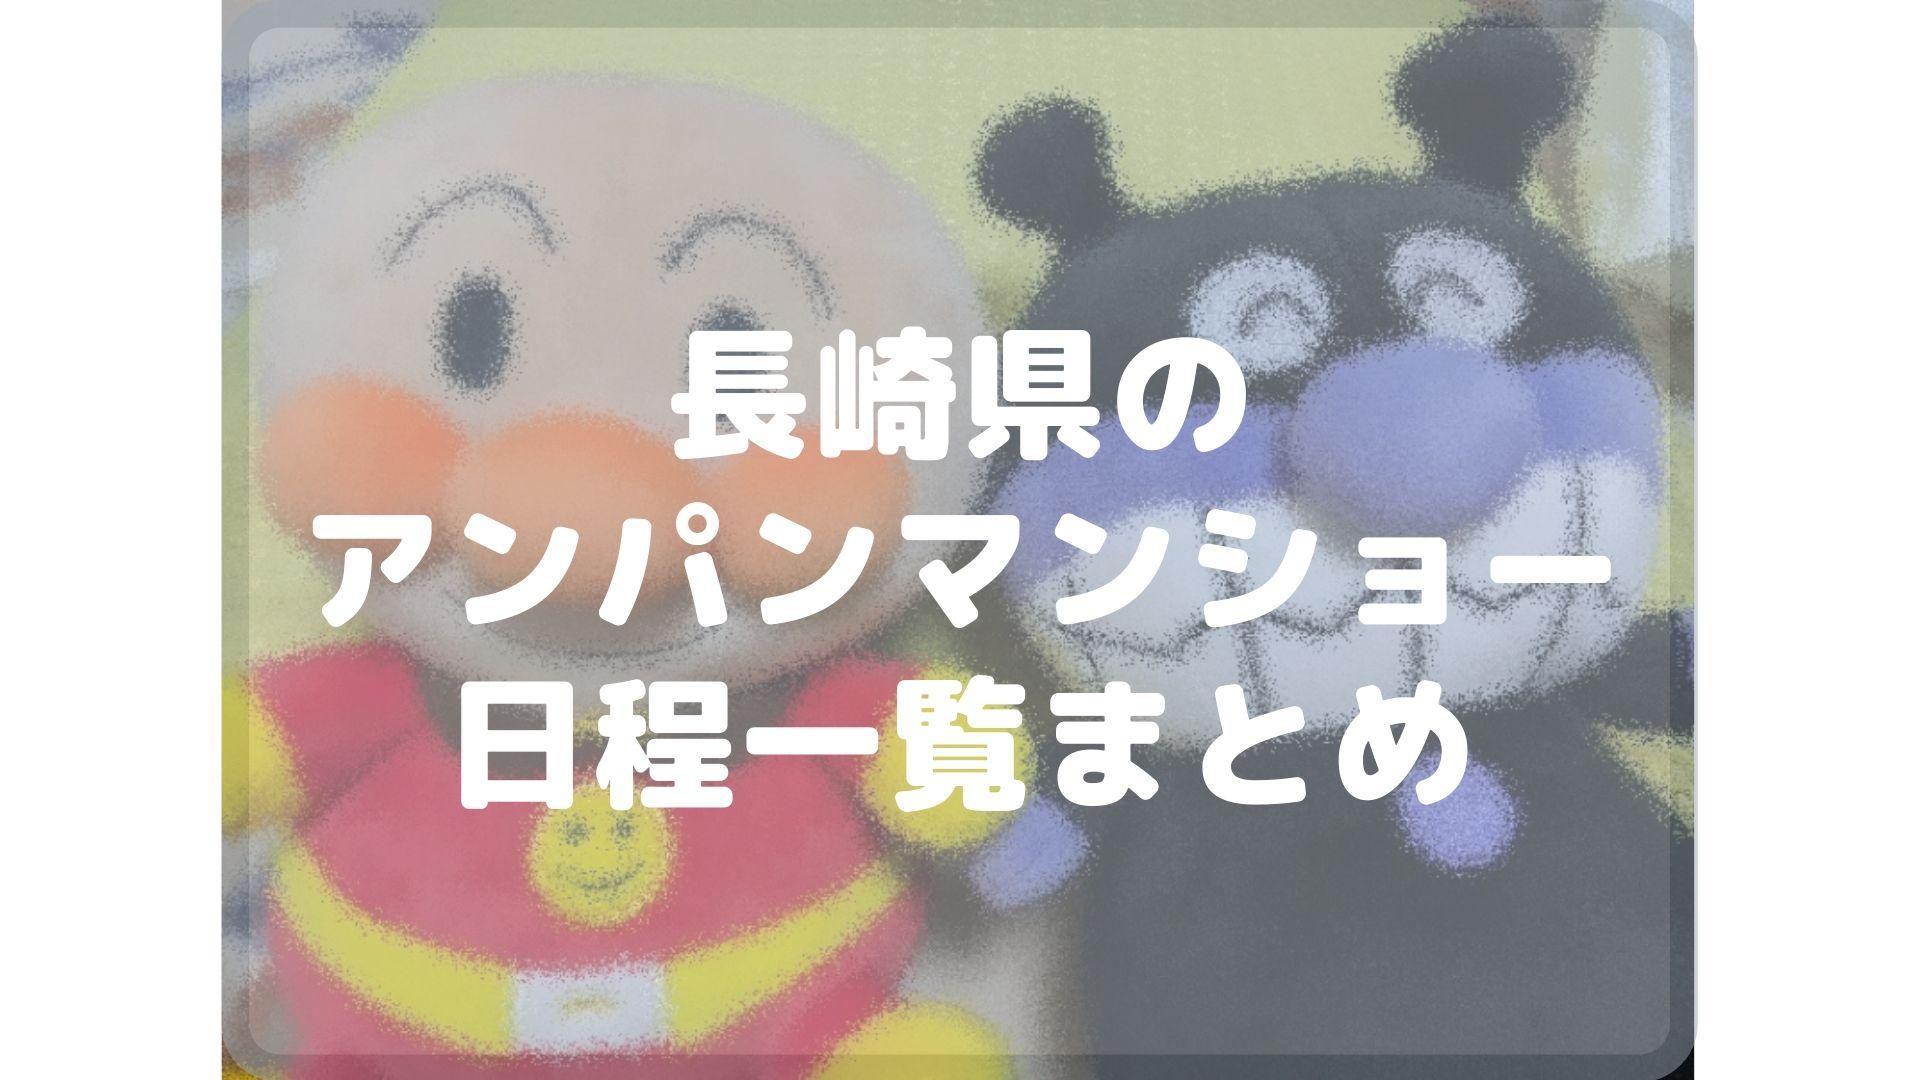 長崎県のアンパンマンショーまとめタイトル画像